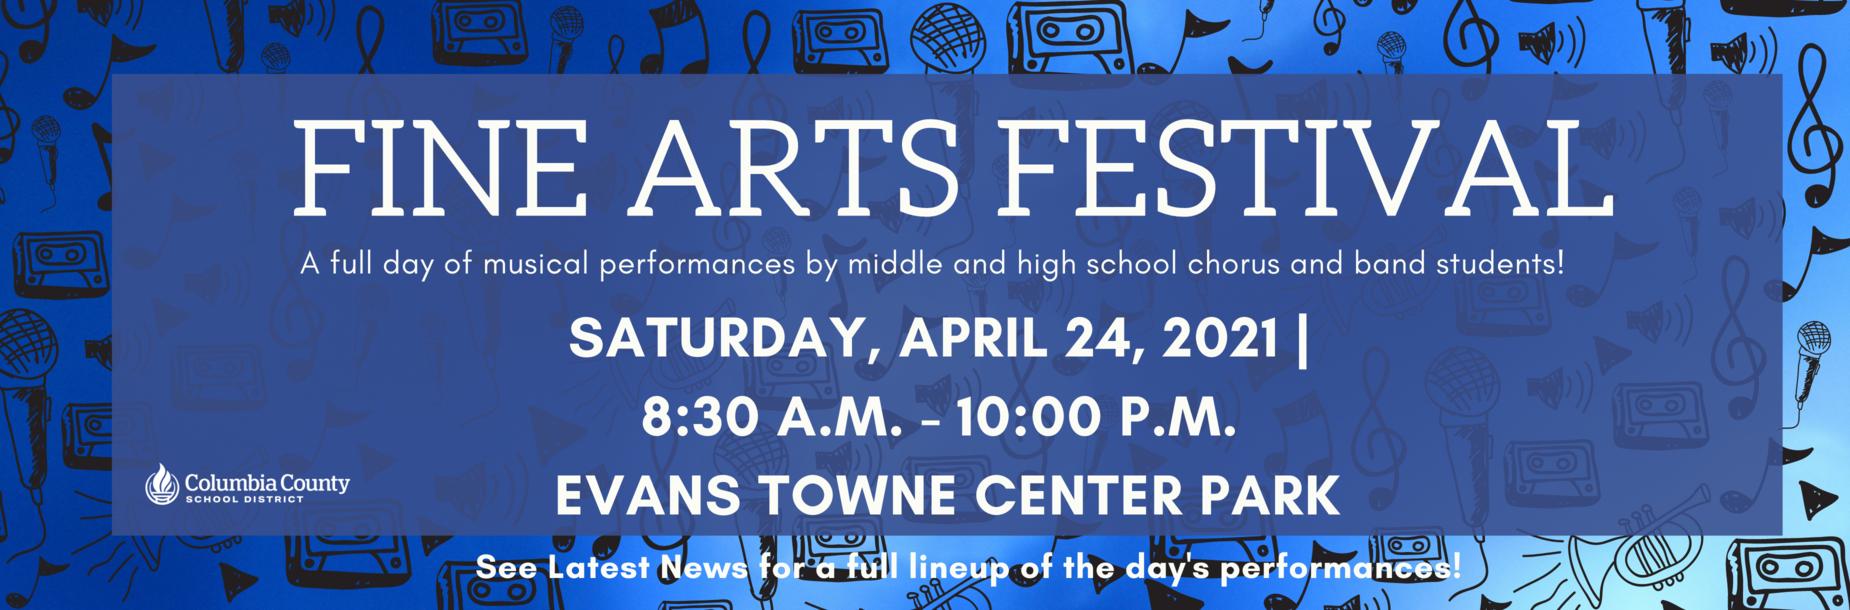 Fine Arts Festival April 24, 20201 8:20 a.m. to 10:00 p.m. Evans town center